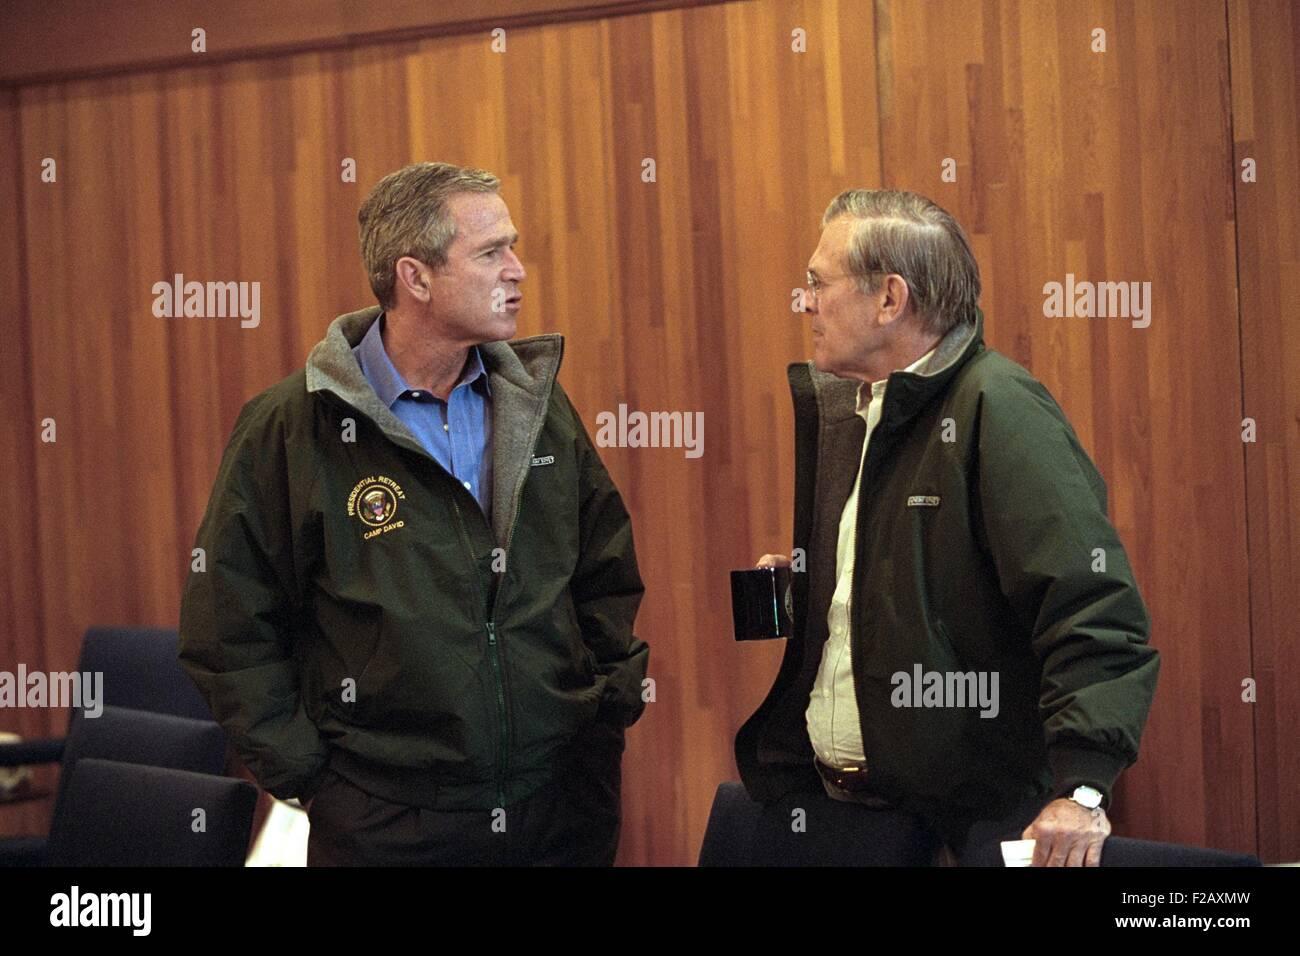 Le président George W. Bush avec Sec. de la Défense, Donald Rumsfeld, le 15 septembre 2001. Ils sont sur Photo Stock